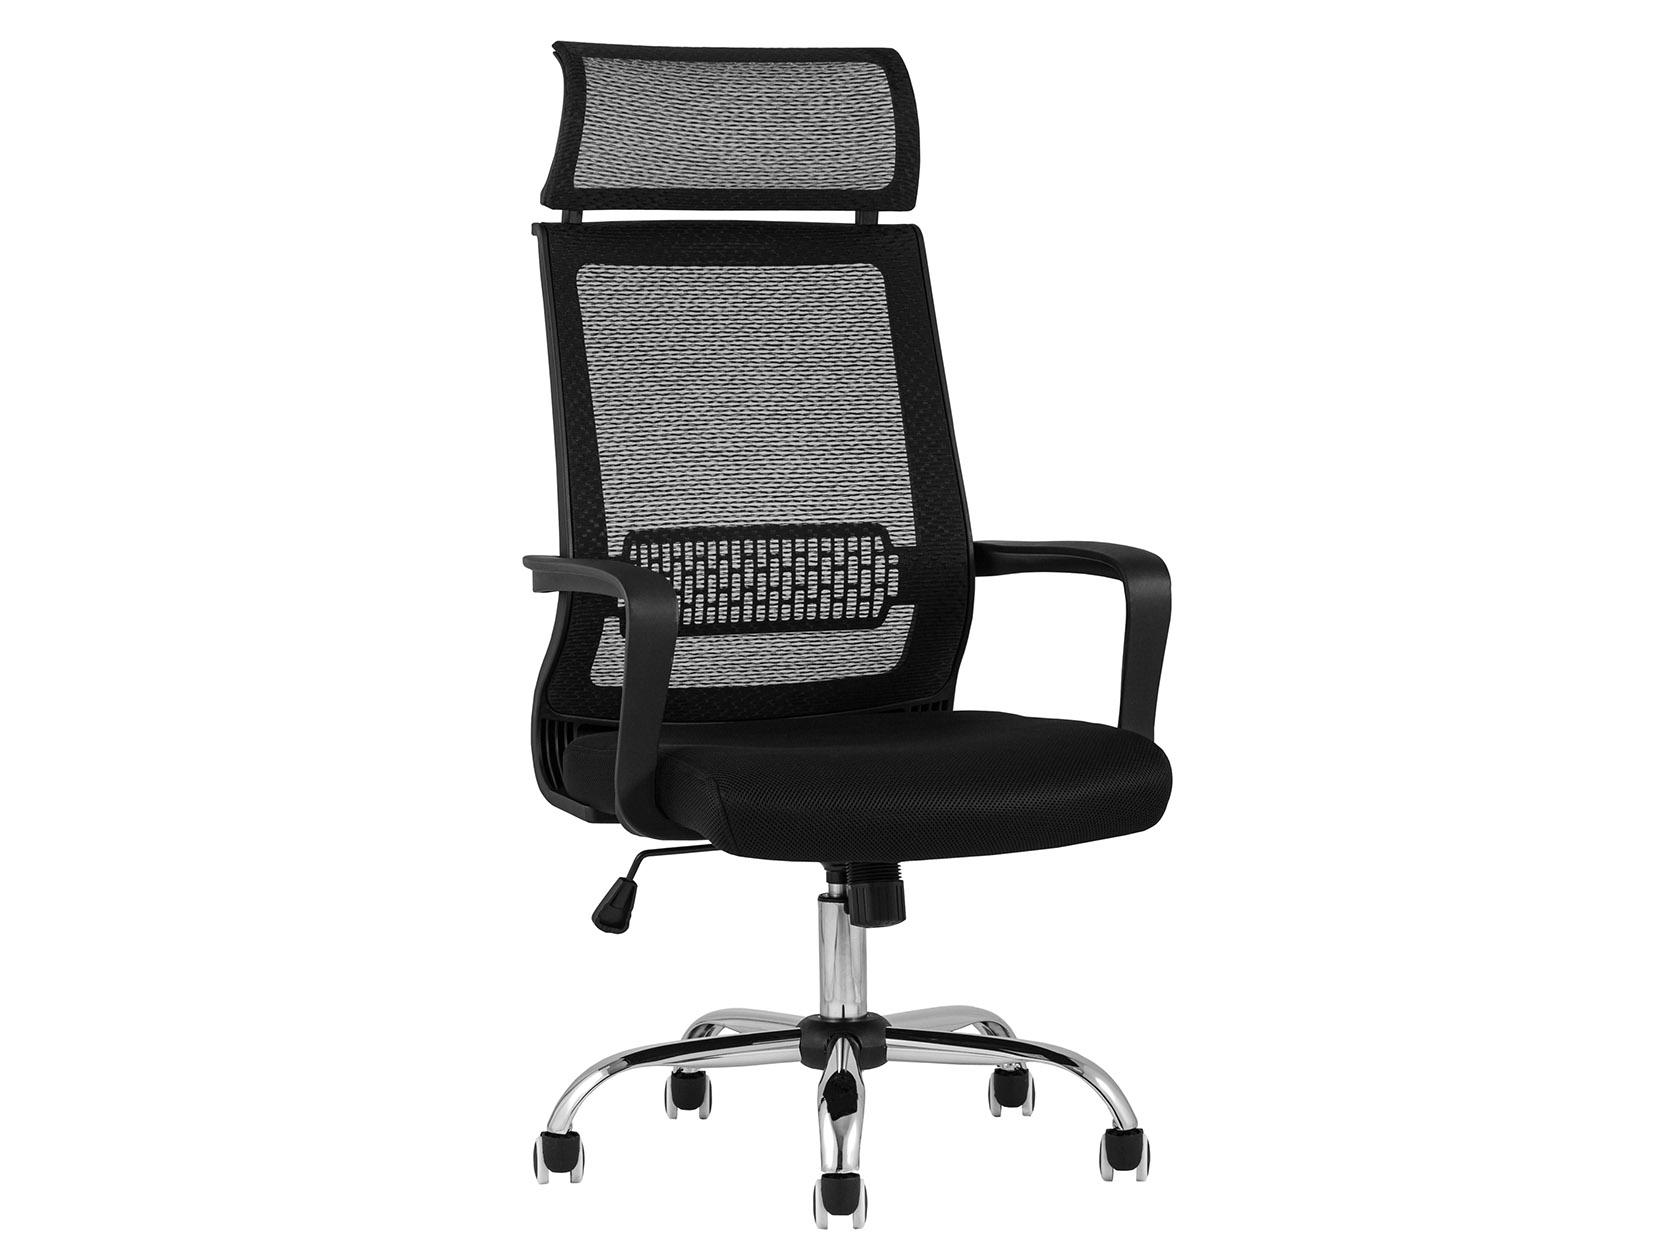 Офисное кресло TopChairsStyle Черный, сетка/Черный, сетка